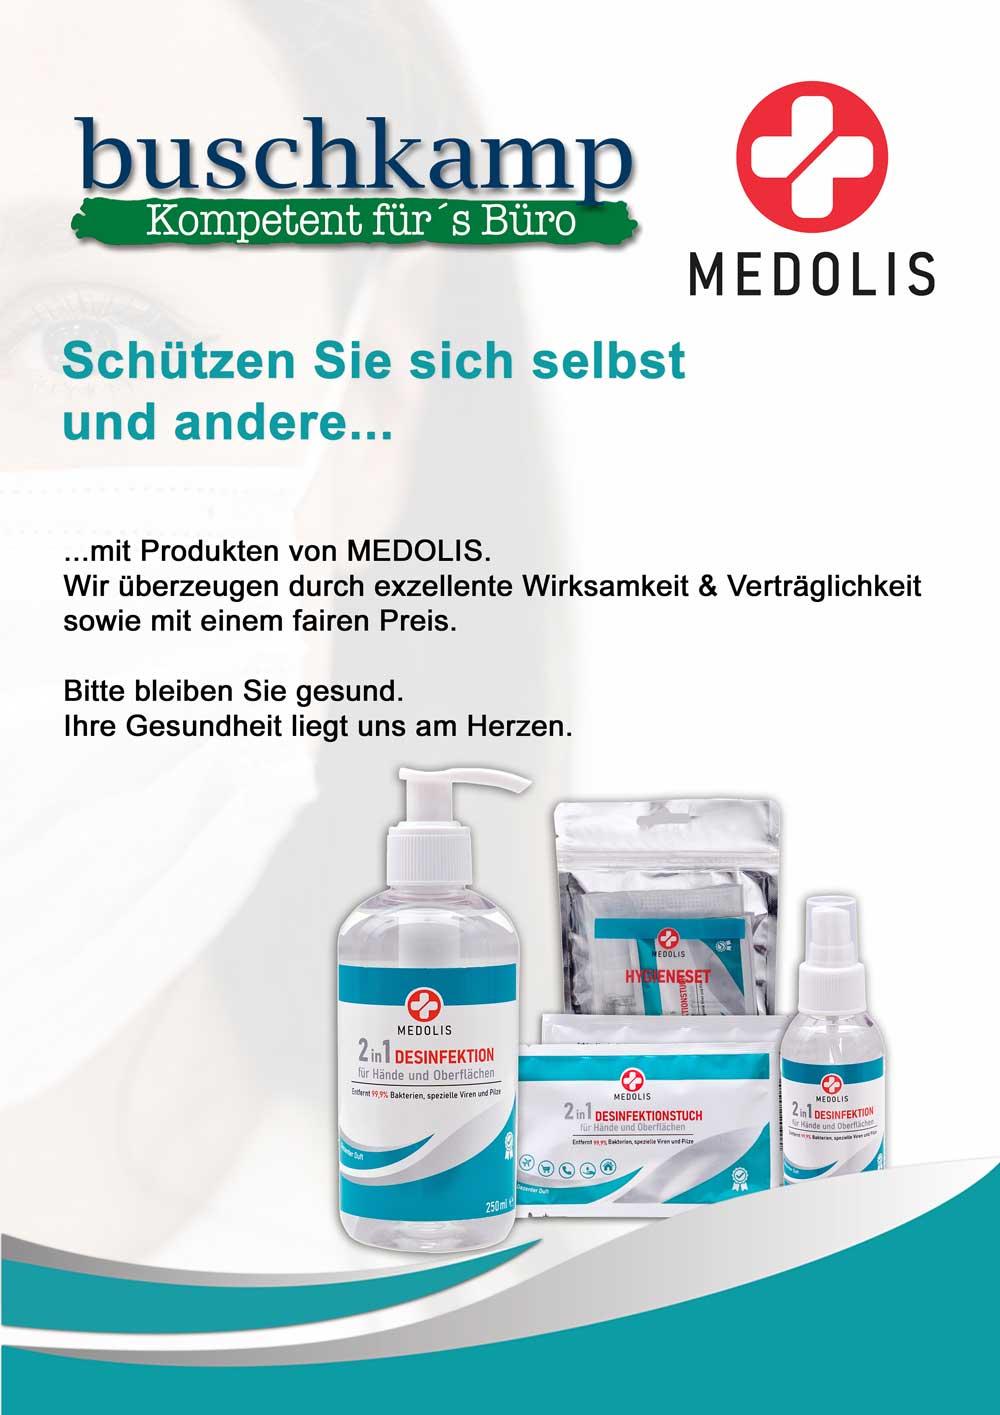 medolis_